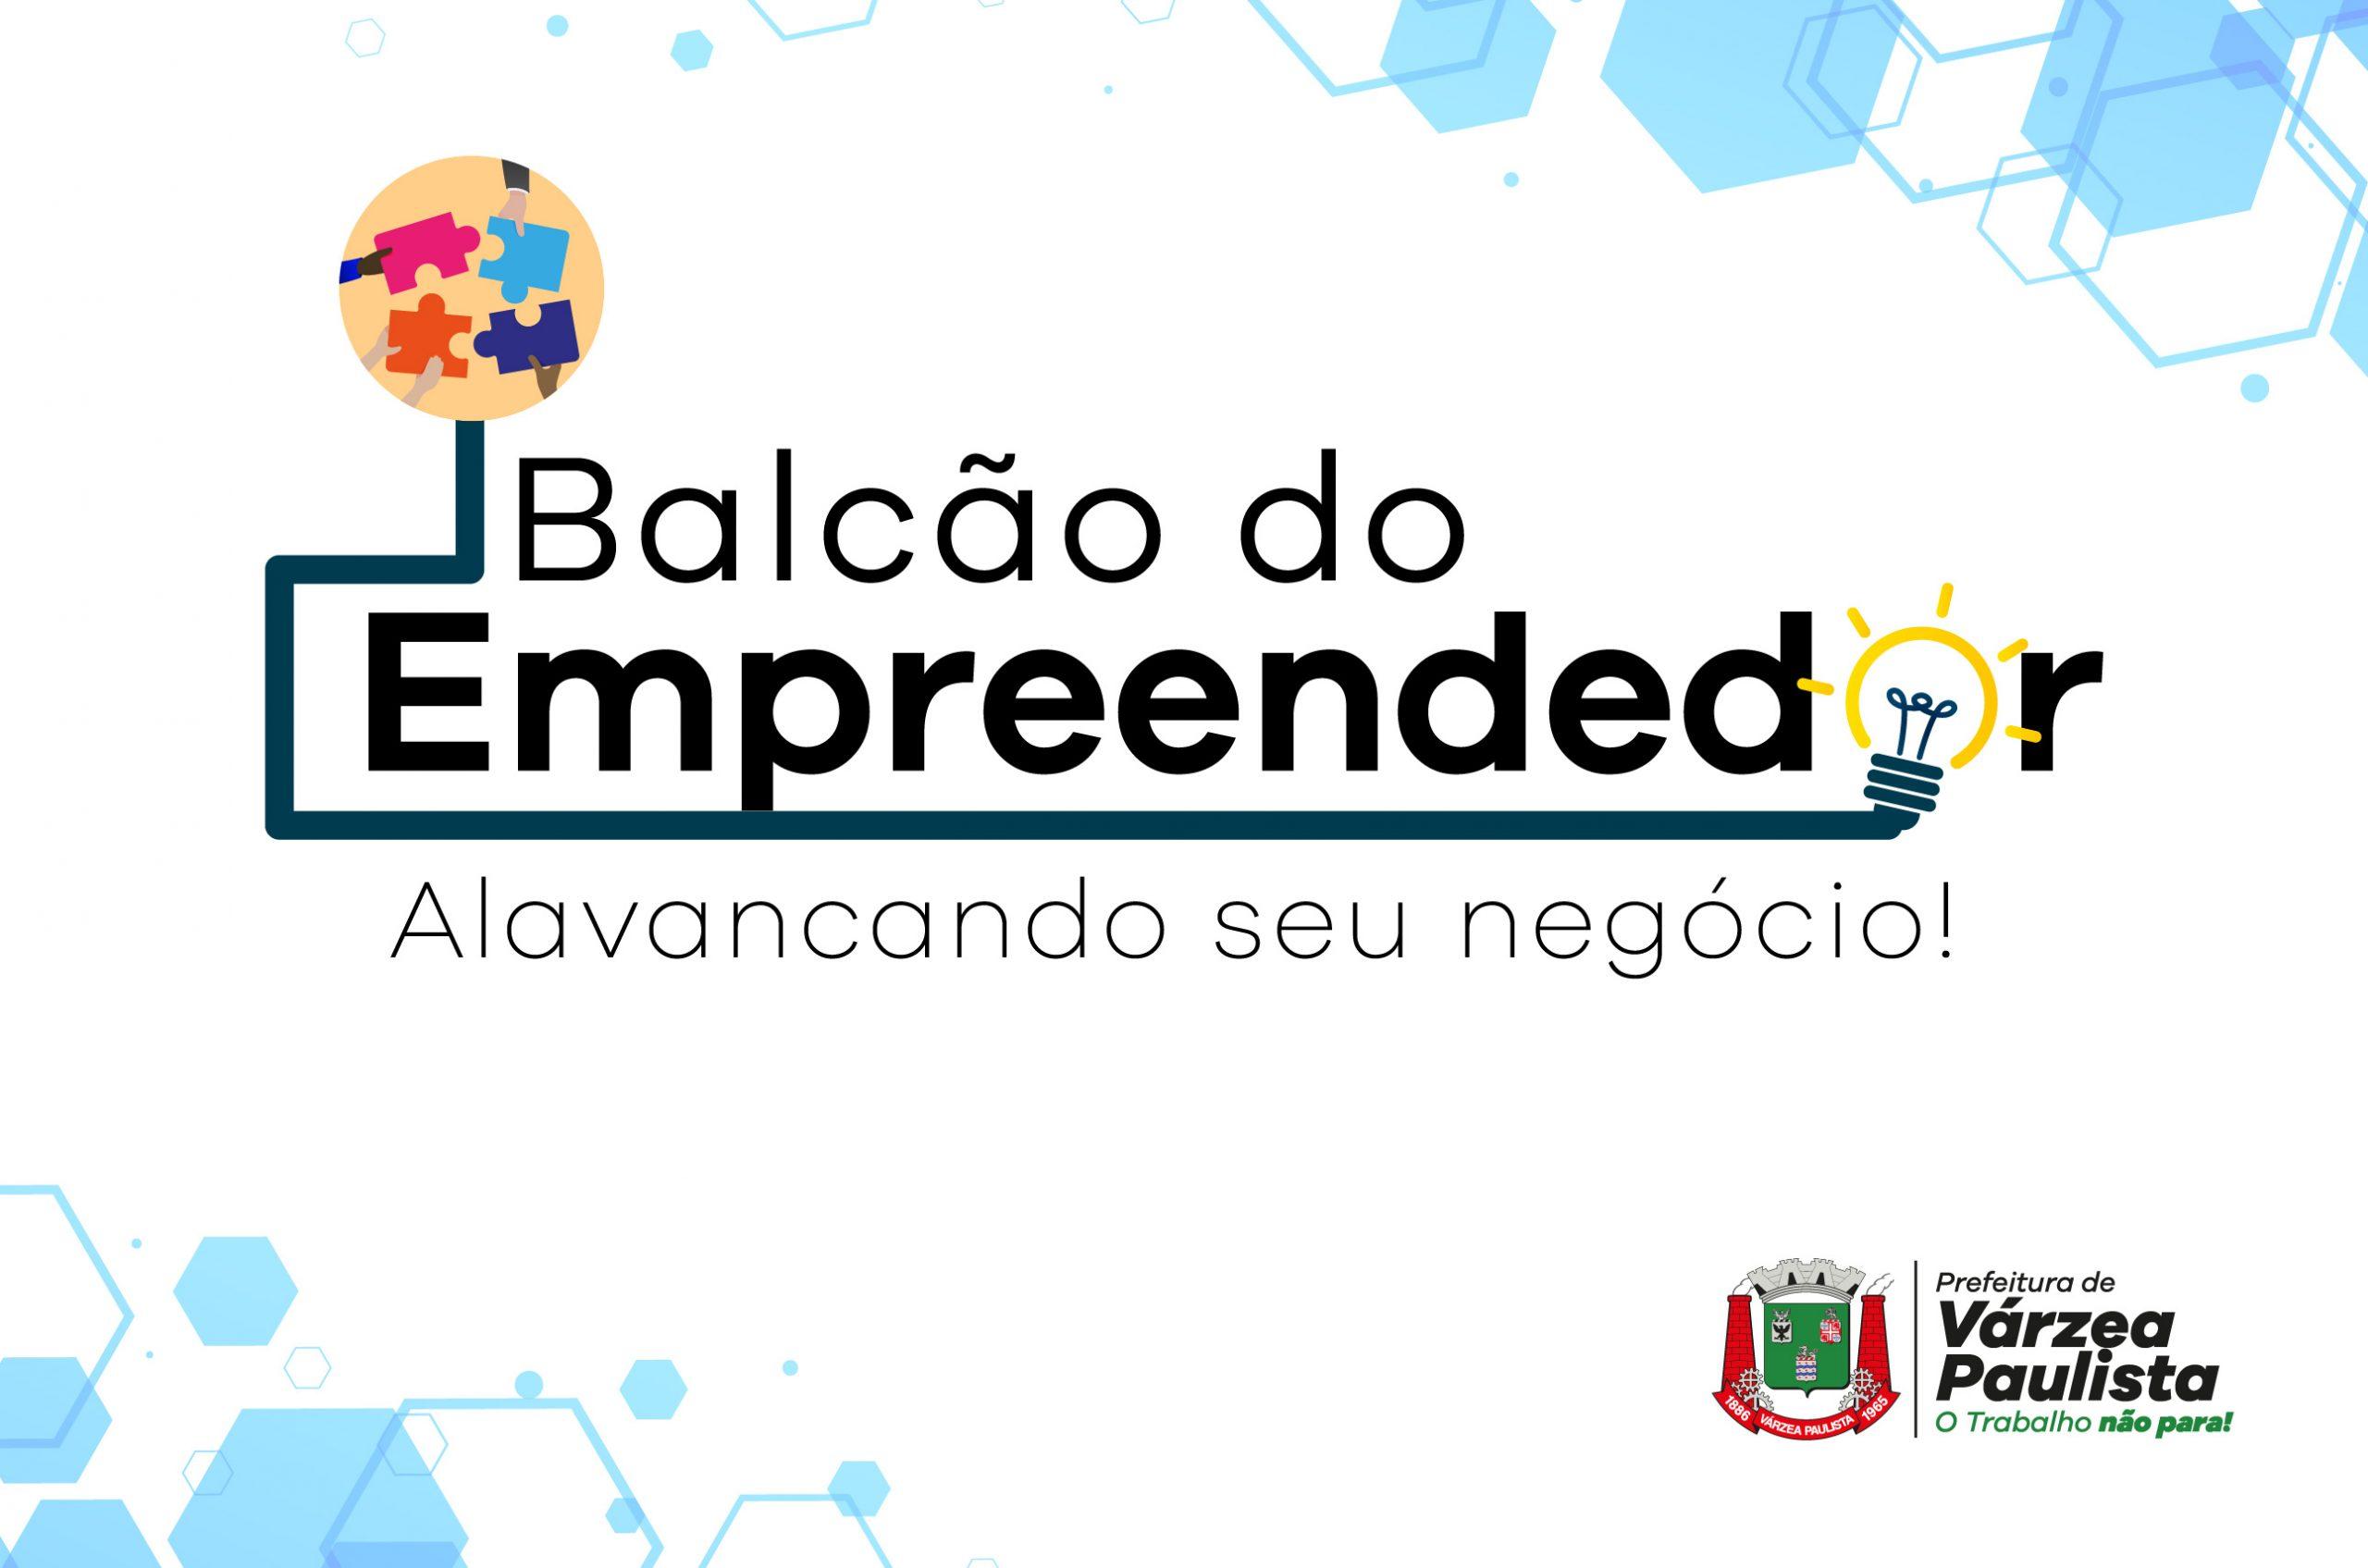 Inauguração do Balcão do Empreendedor será na próxima terça-feira (17)